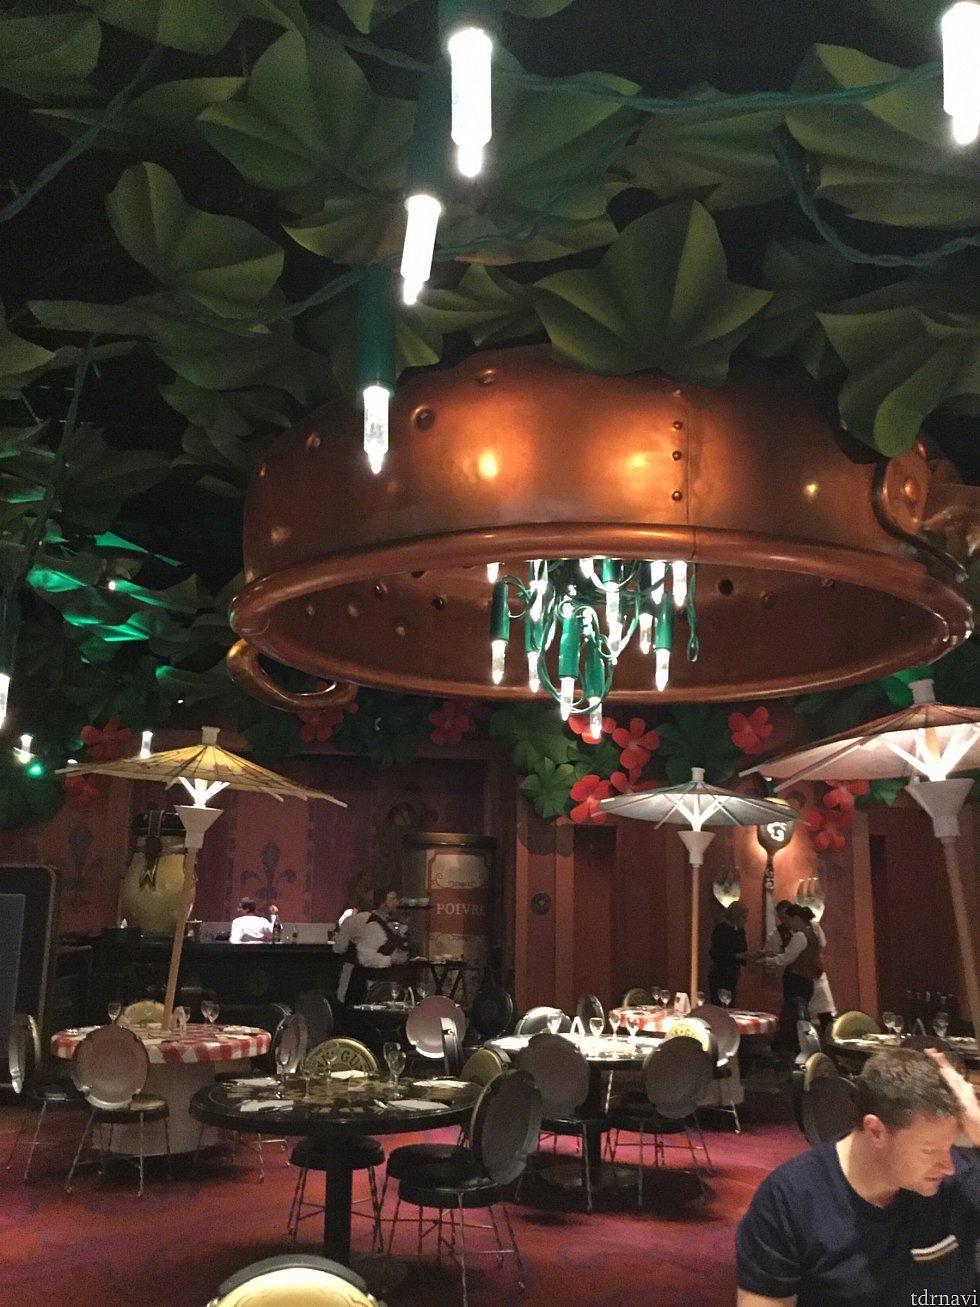 店内、カクテル用パラソルやツリーなどに使われる電飾が照明になっていて、ネズミサイズになった気分になれます